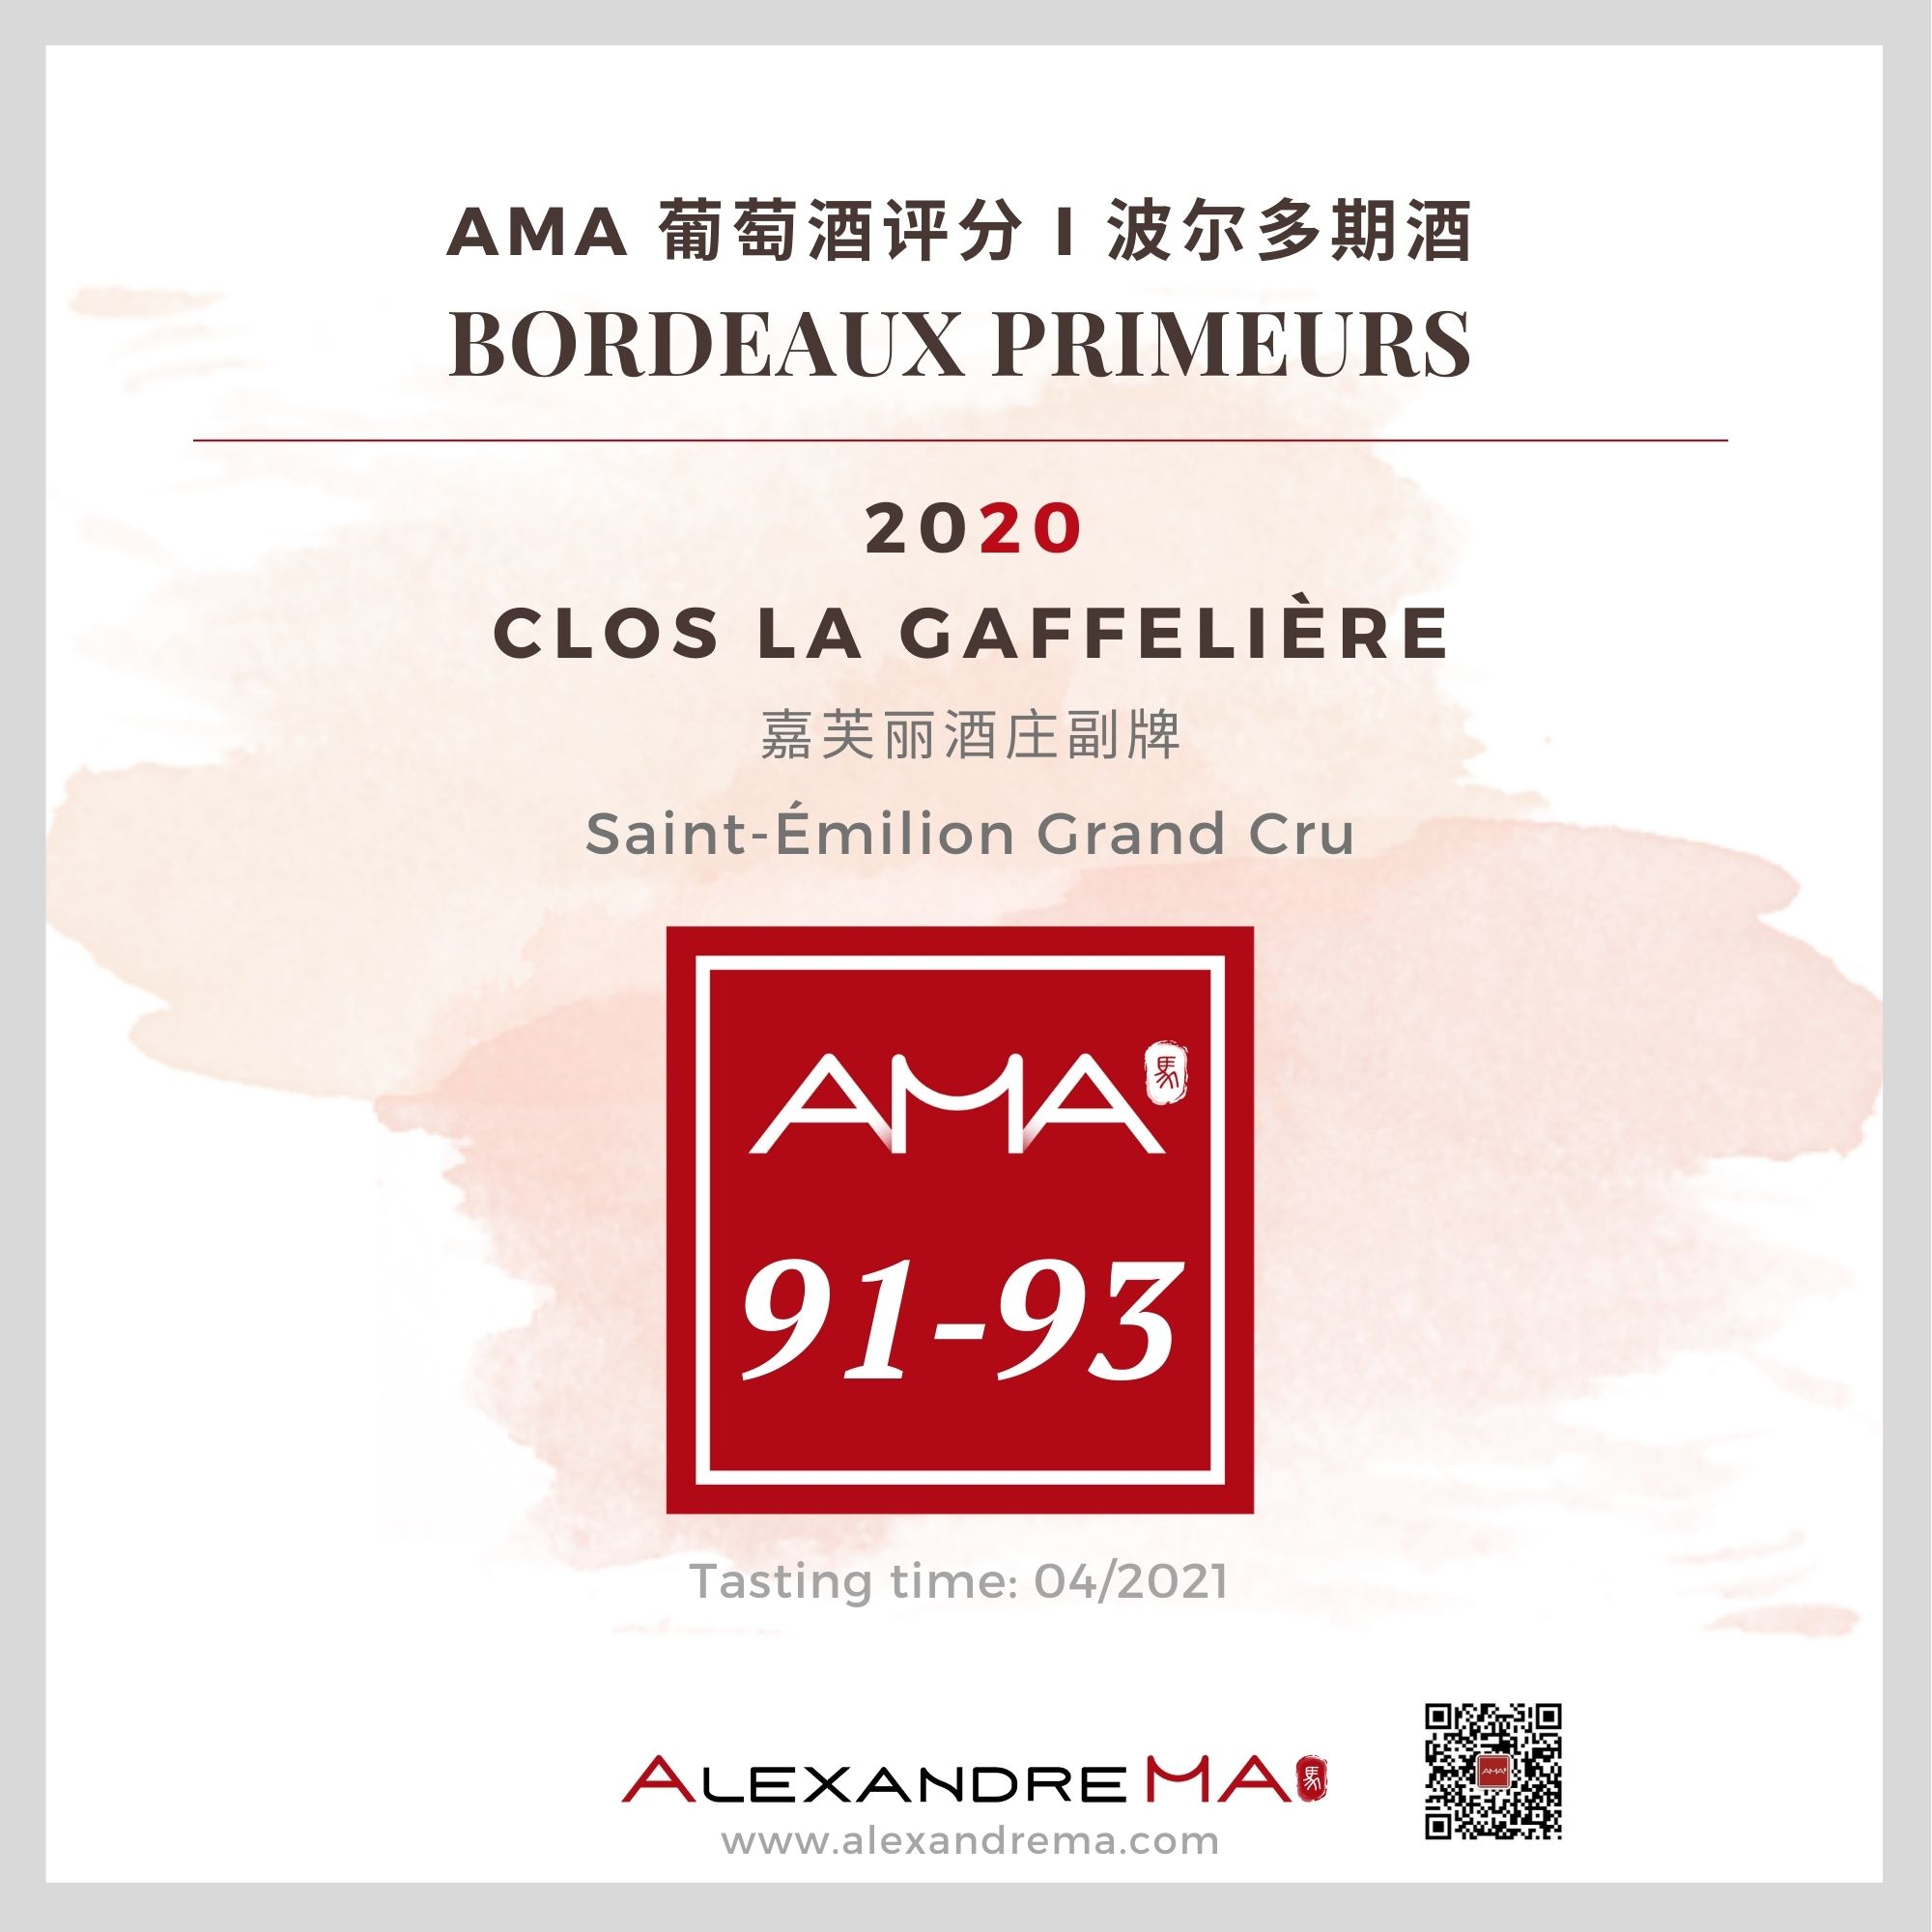 Château La Gaffelière – Clos La Gaffelière – Red – 2020 - Alexandre MA